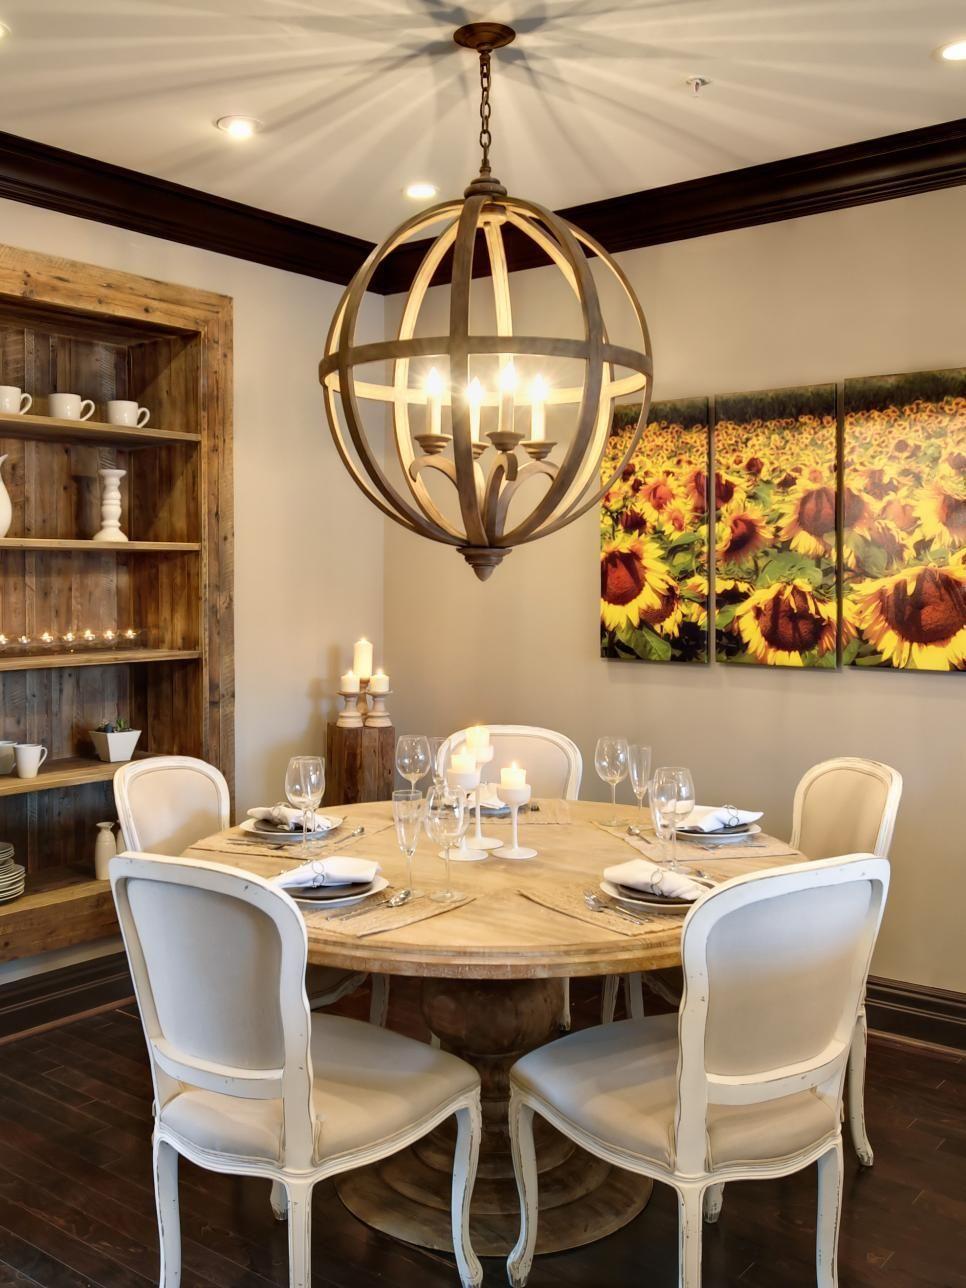 Abid Abdullah Dining Room Wall Decor Dining Room Small Dining